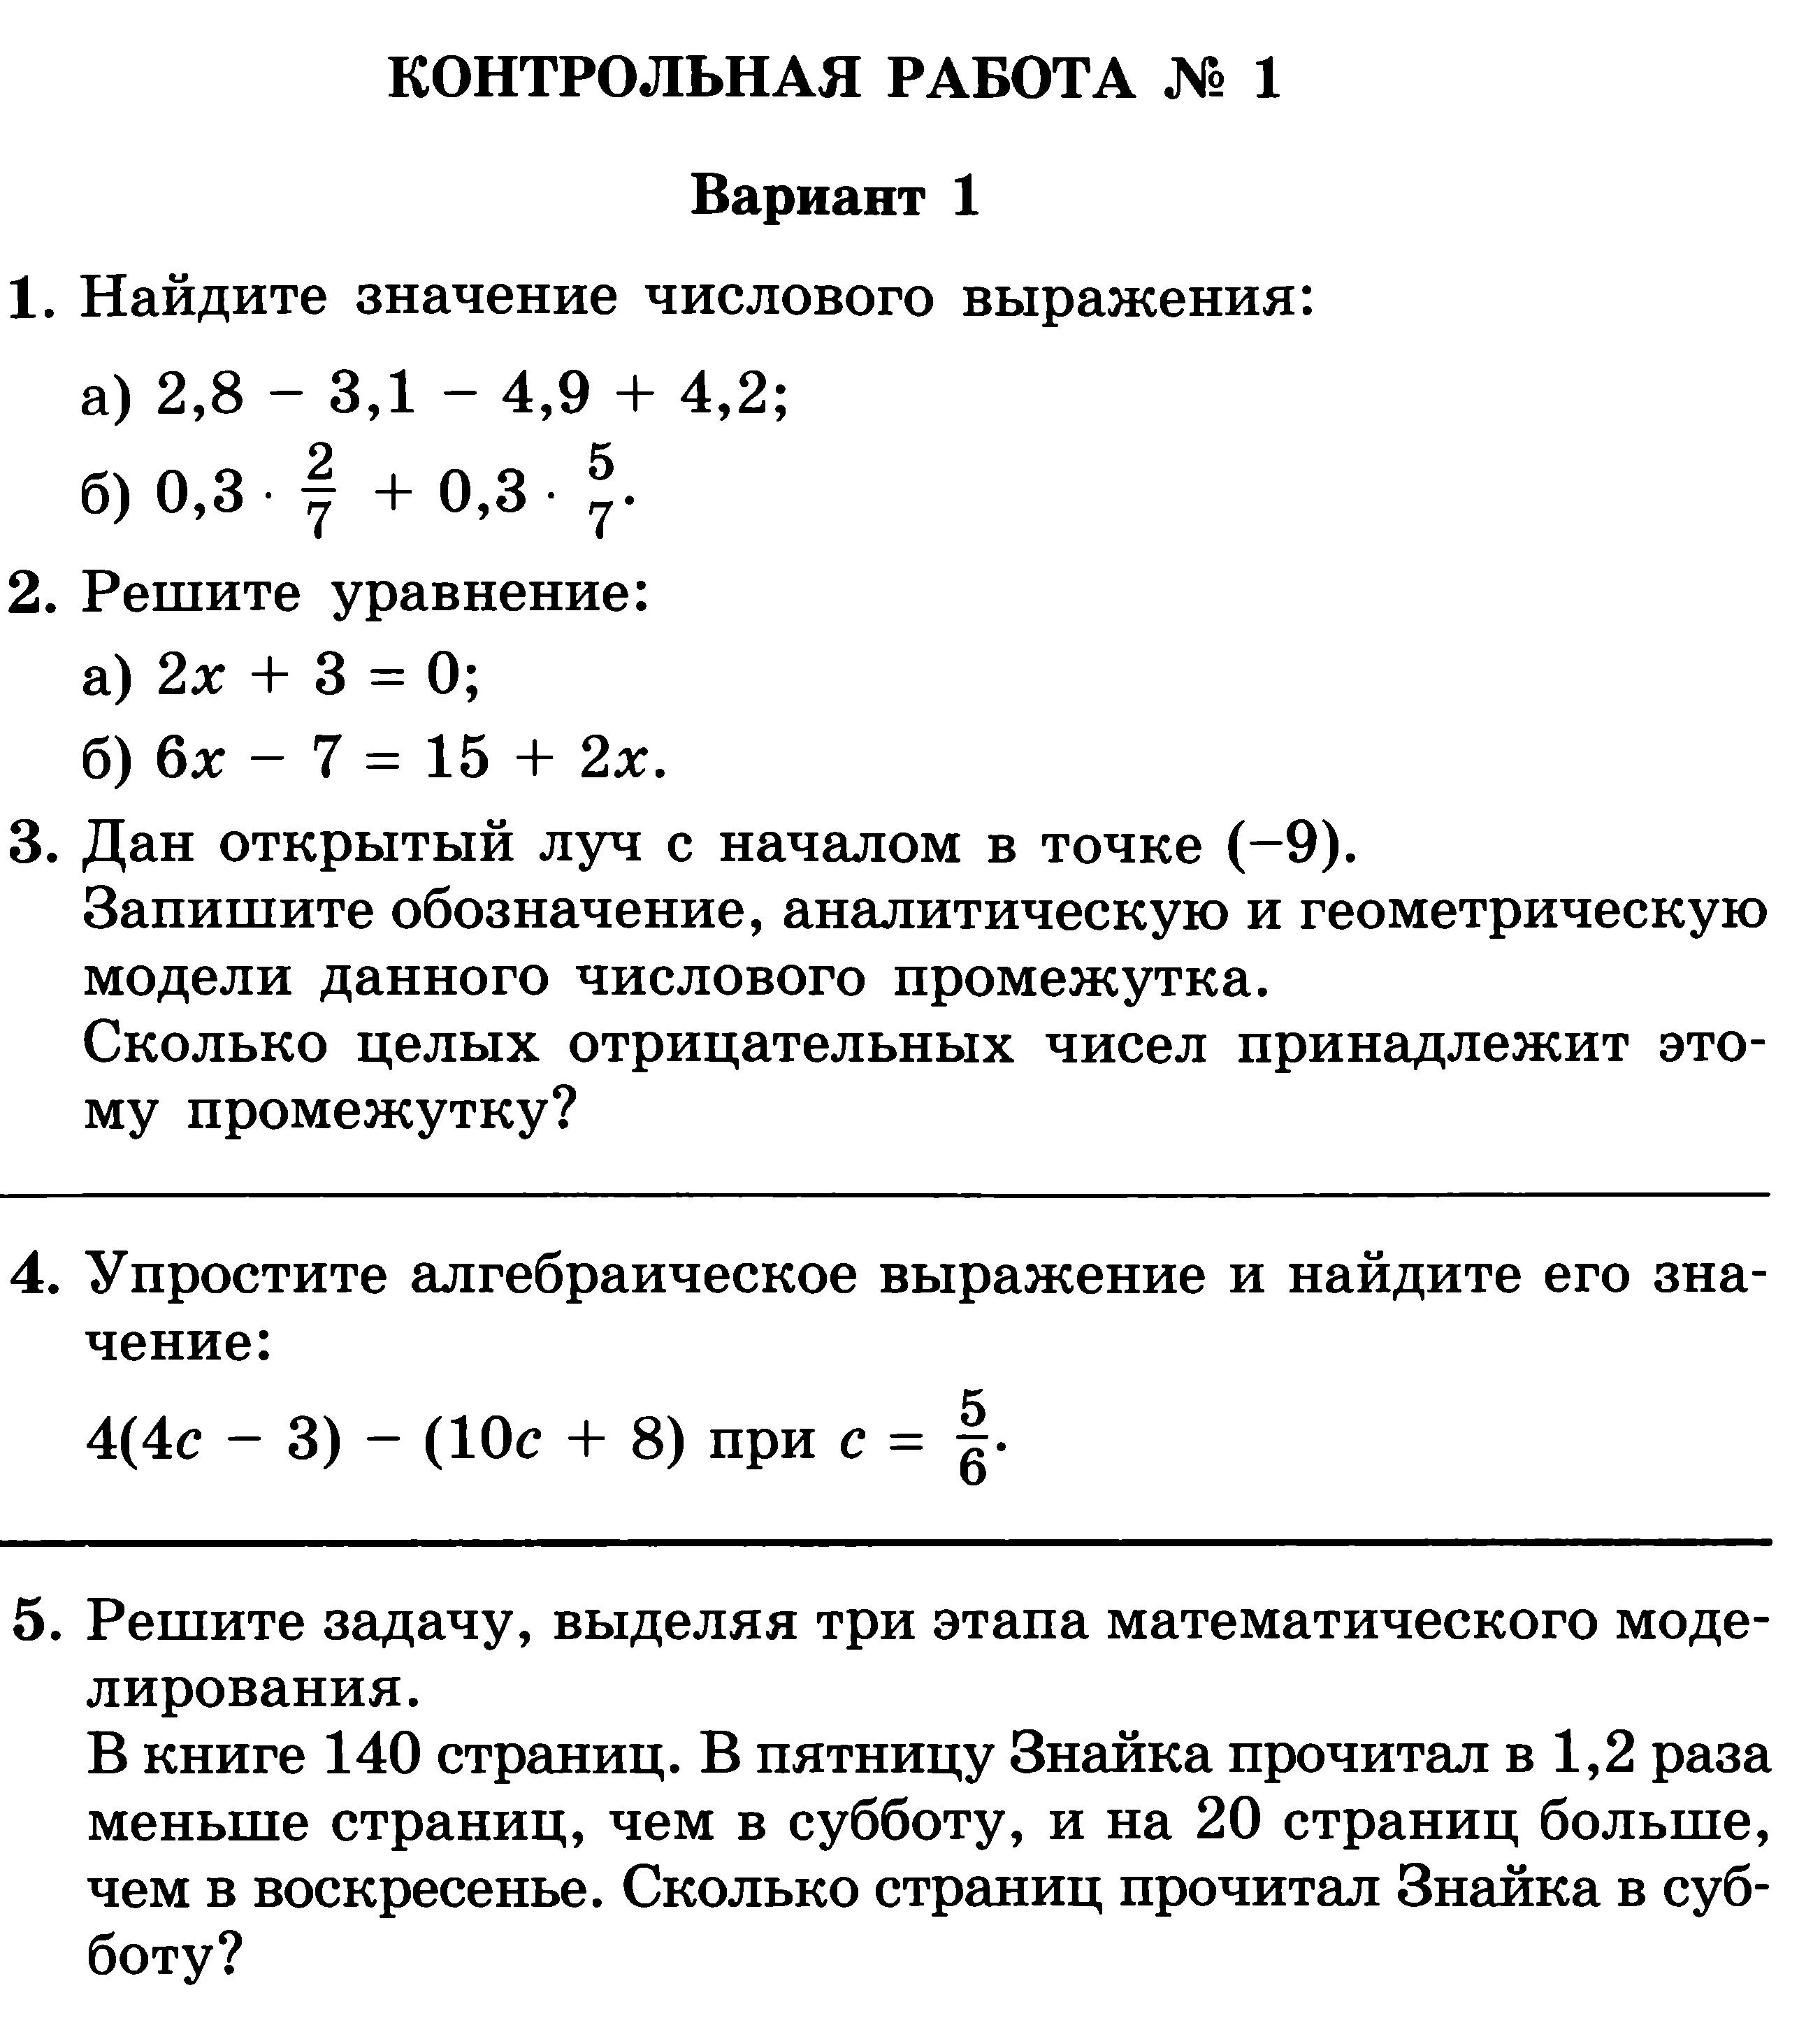 Решение прикладных задач по математике 5-6 класс